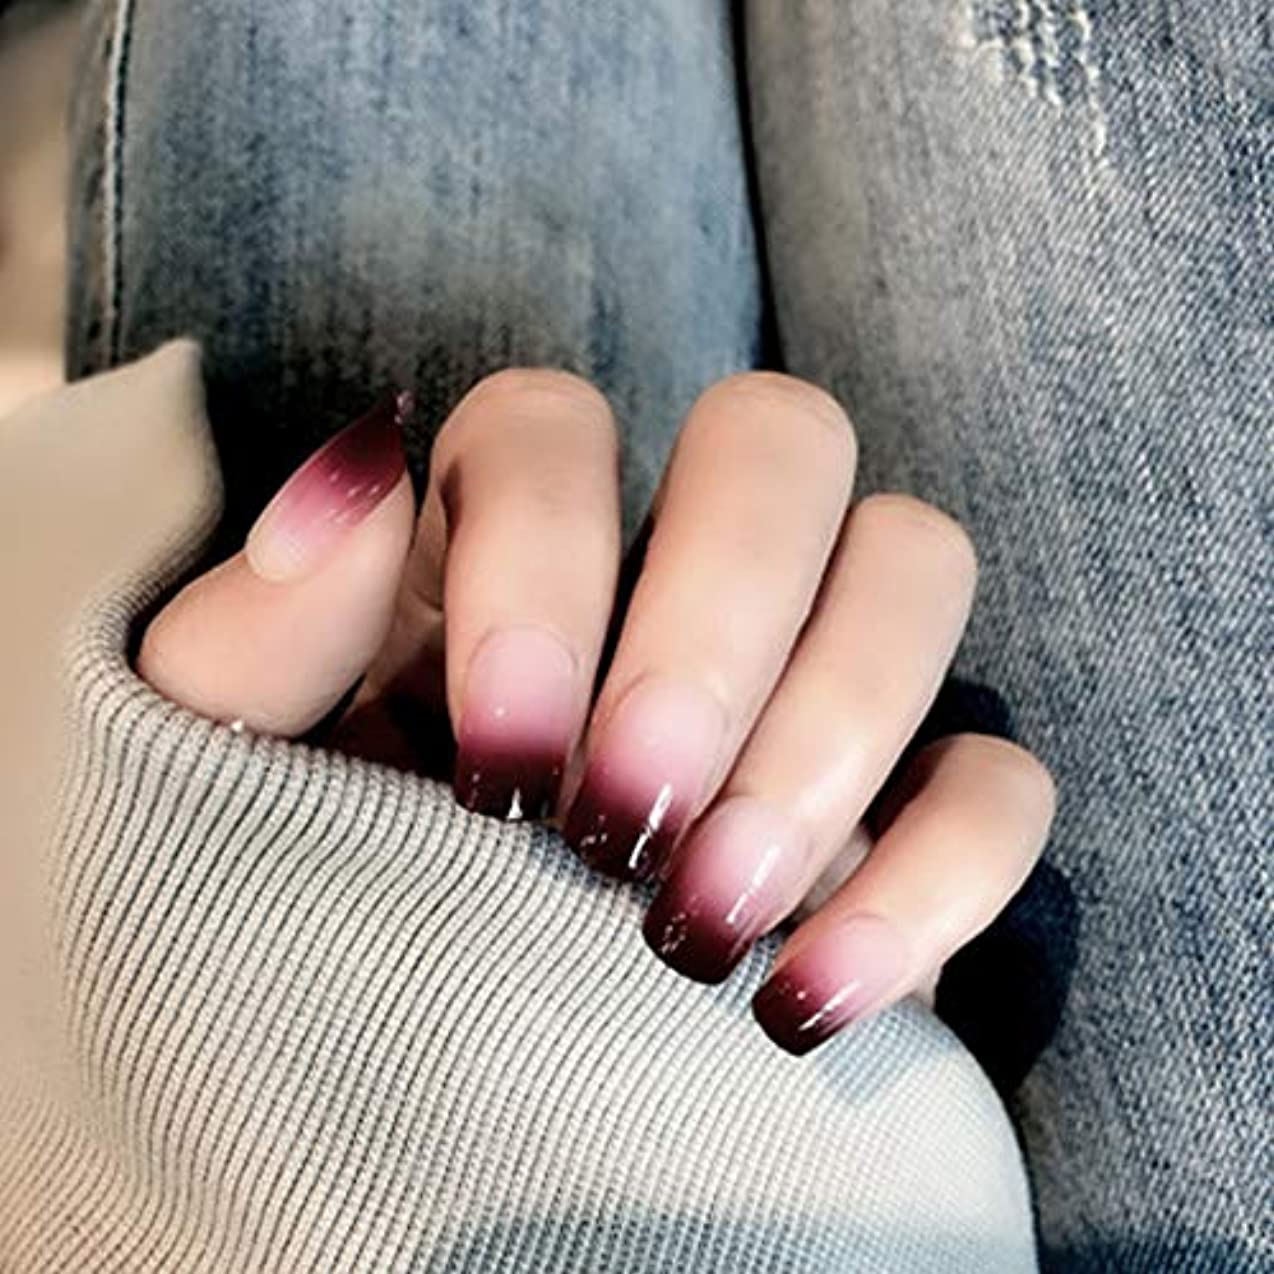 モザイク宣言する消すXUTXZKA 女性およびステッカーのための24のPCの赤い勾配色の長い偽の釘の方法偽造品の釘